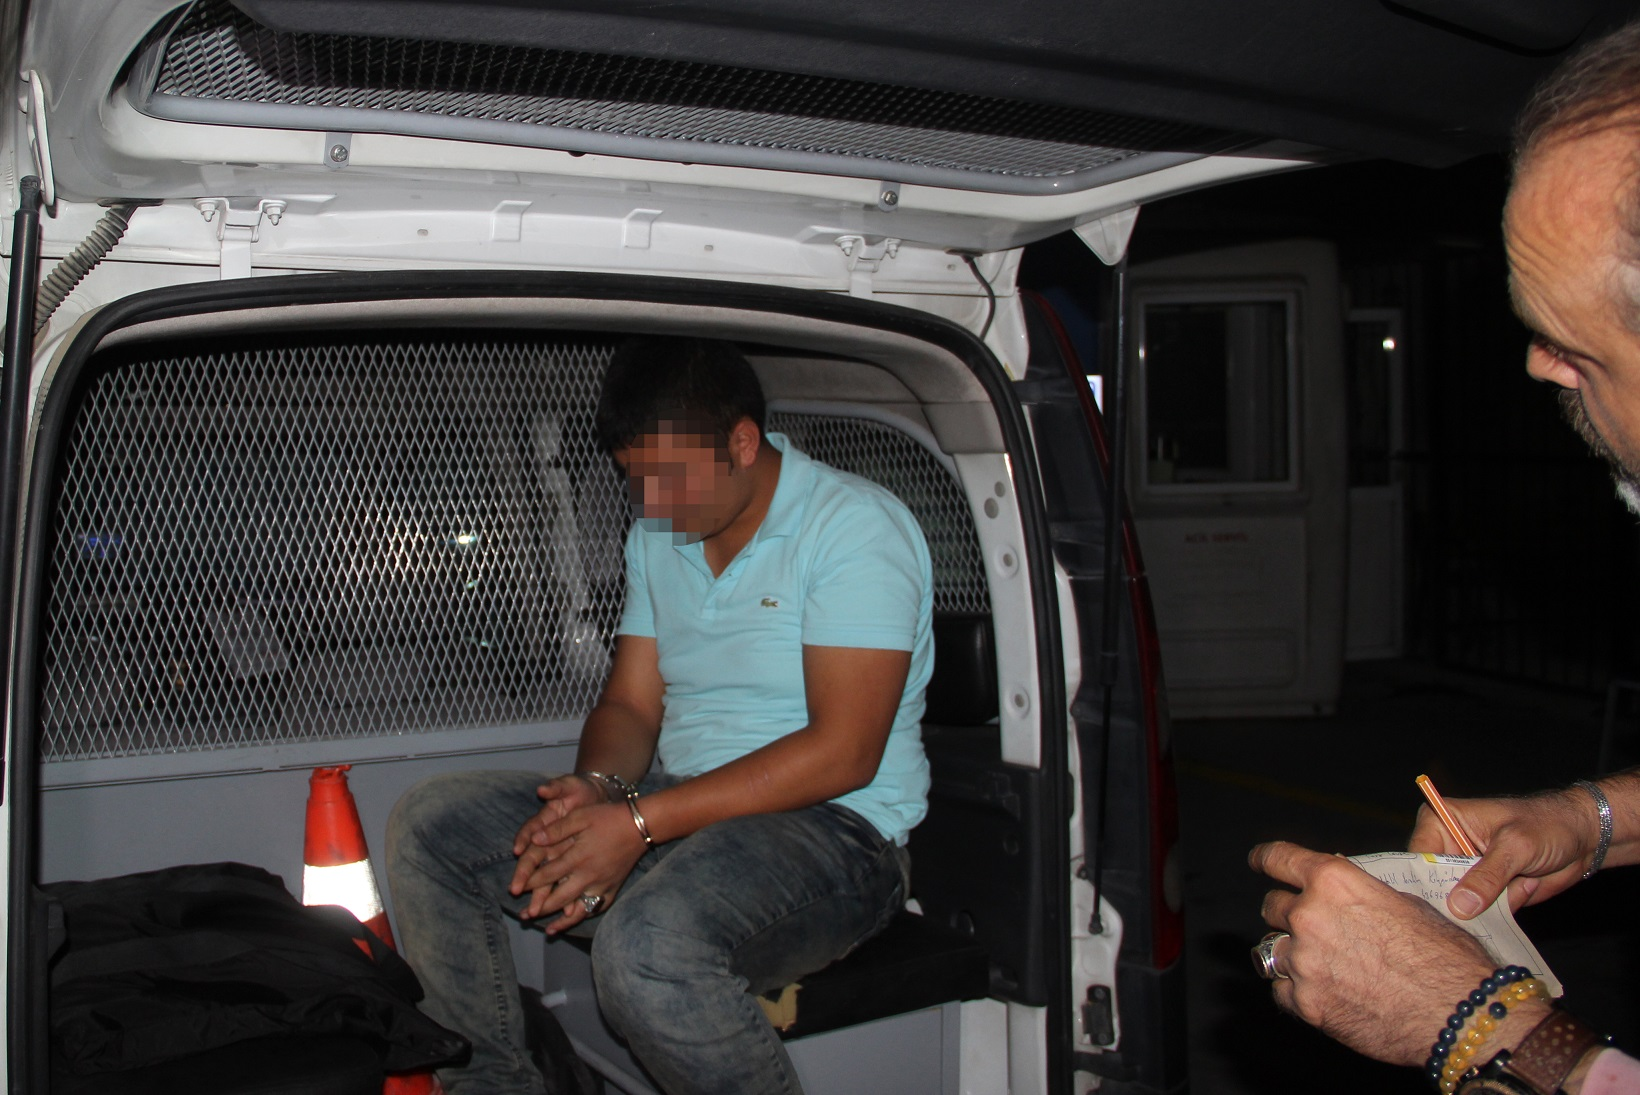 Konya'da Trafik Kazası Sonrası Bıçaklı Kavga: 1 Ölü